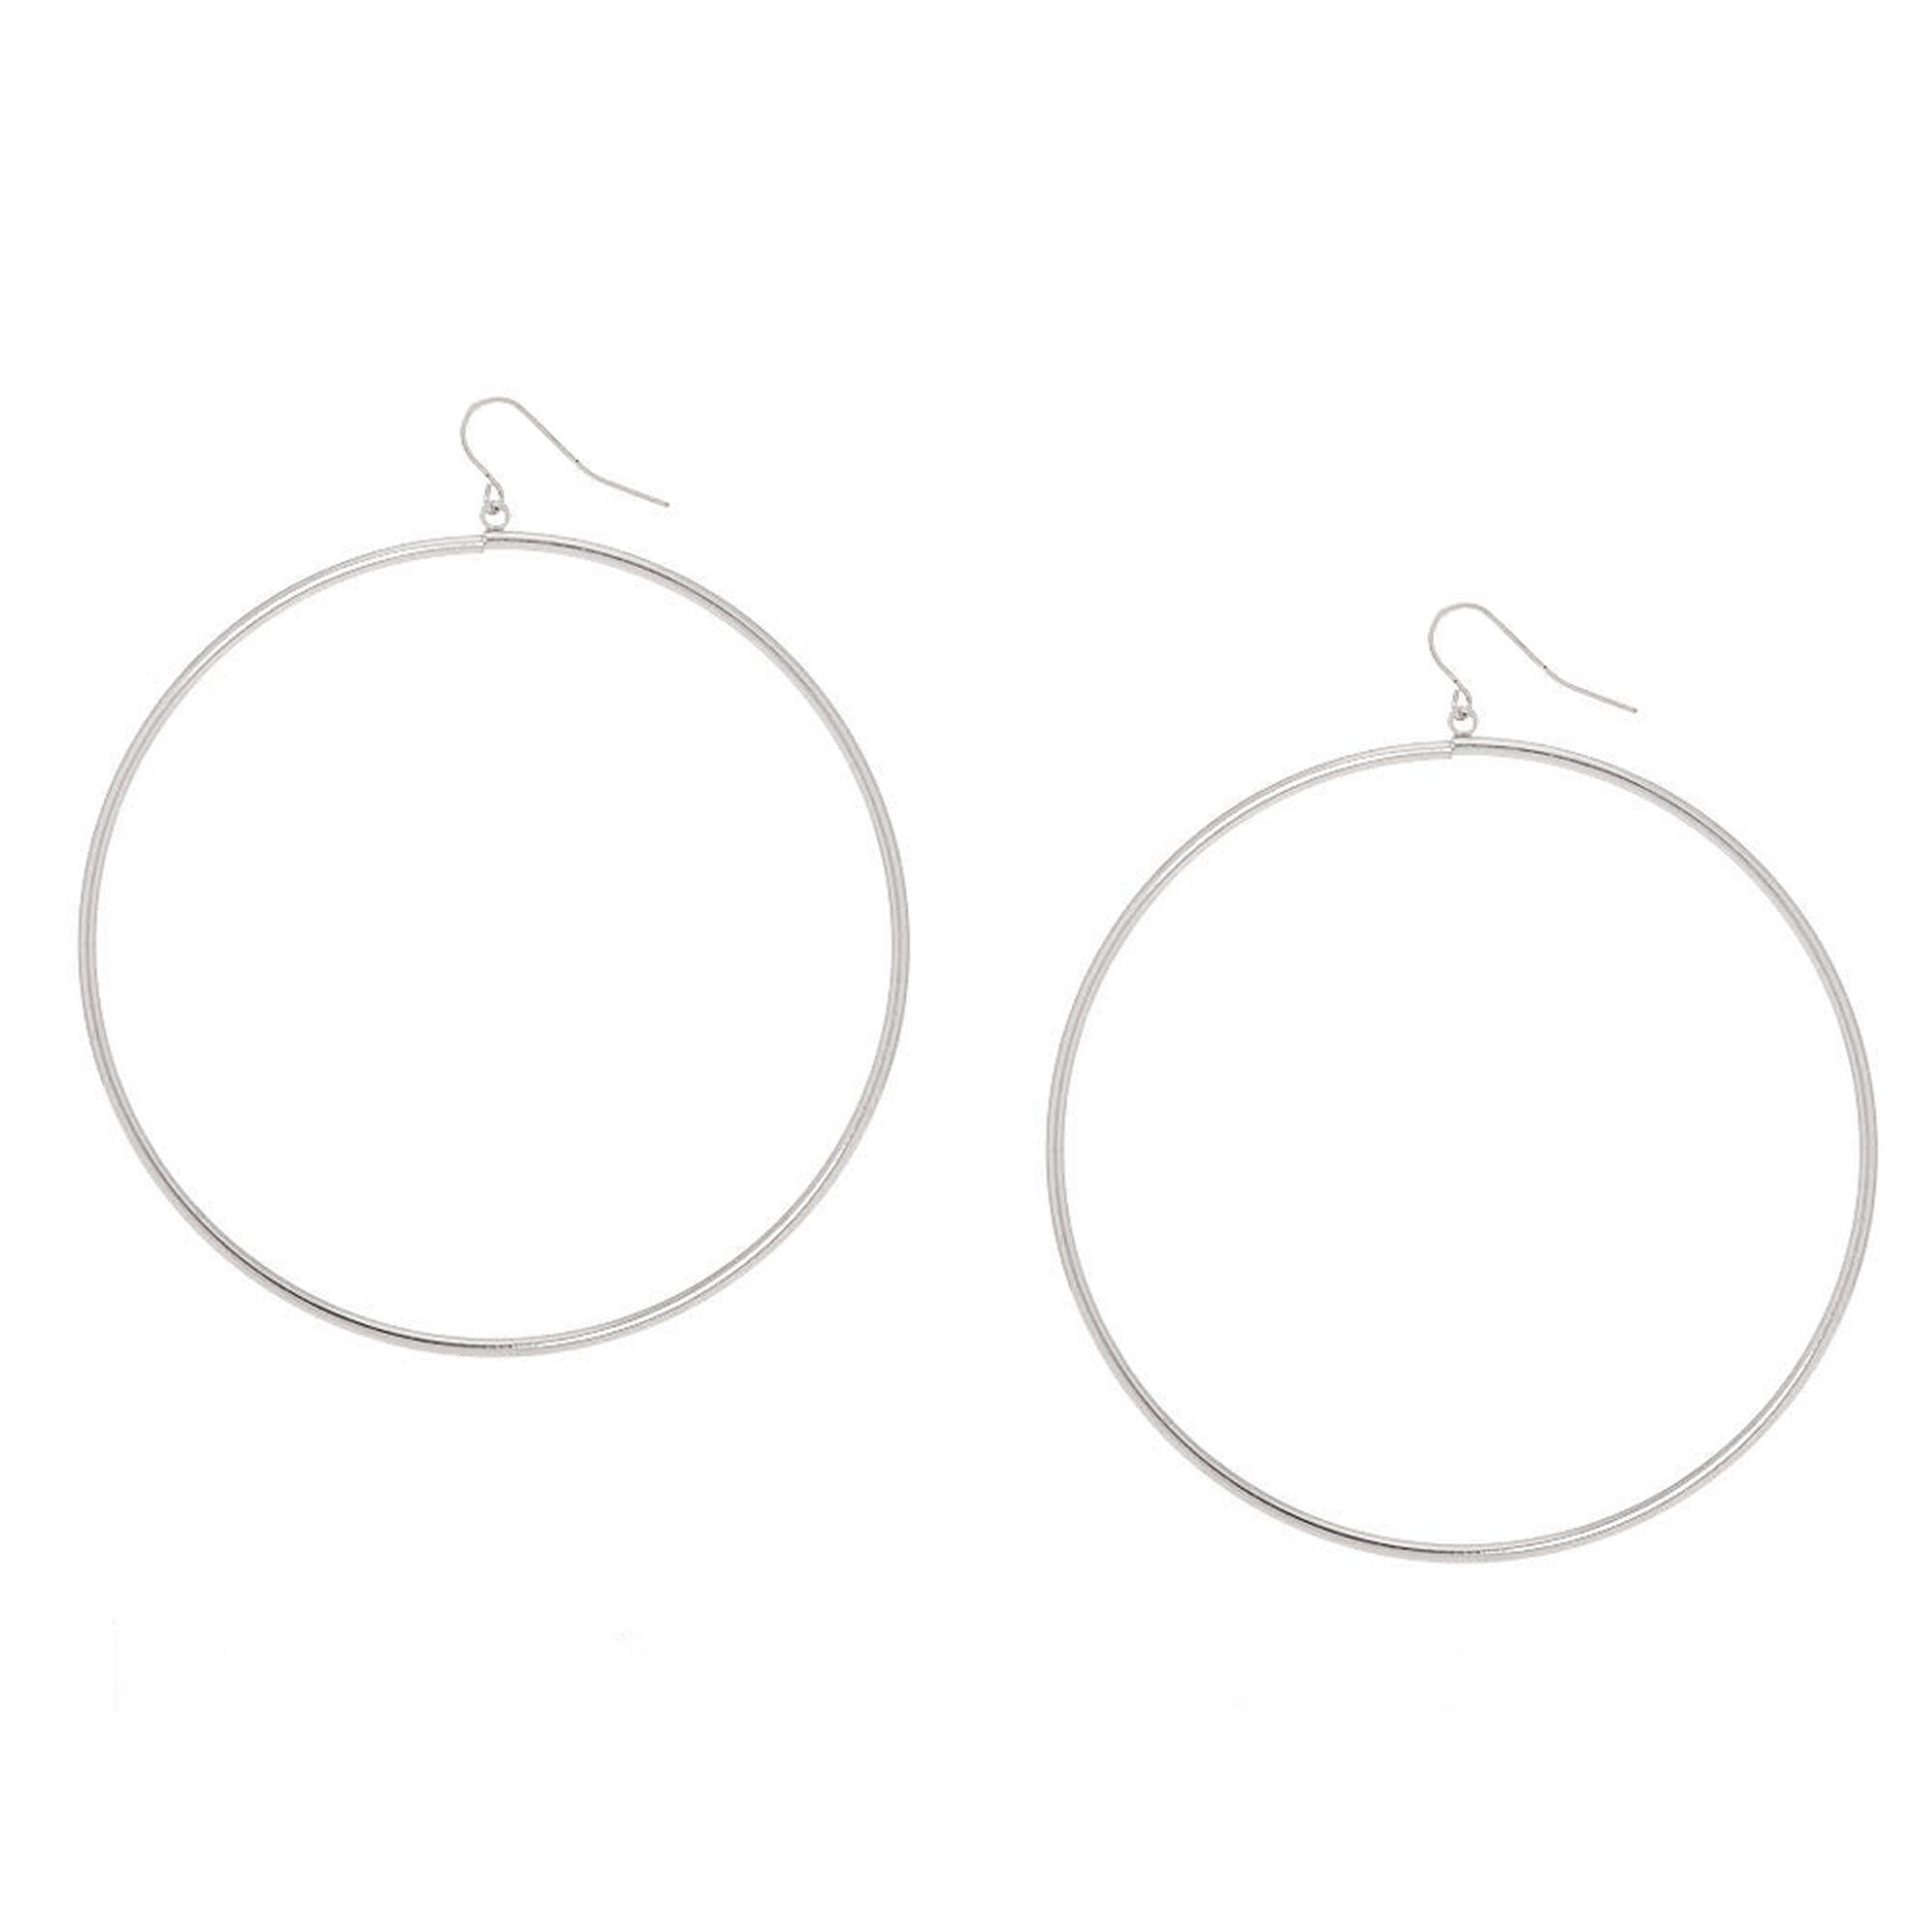 Silver 80mm Hoop Drop Earrings